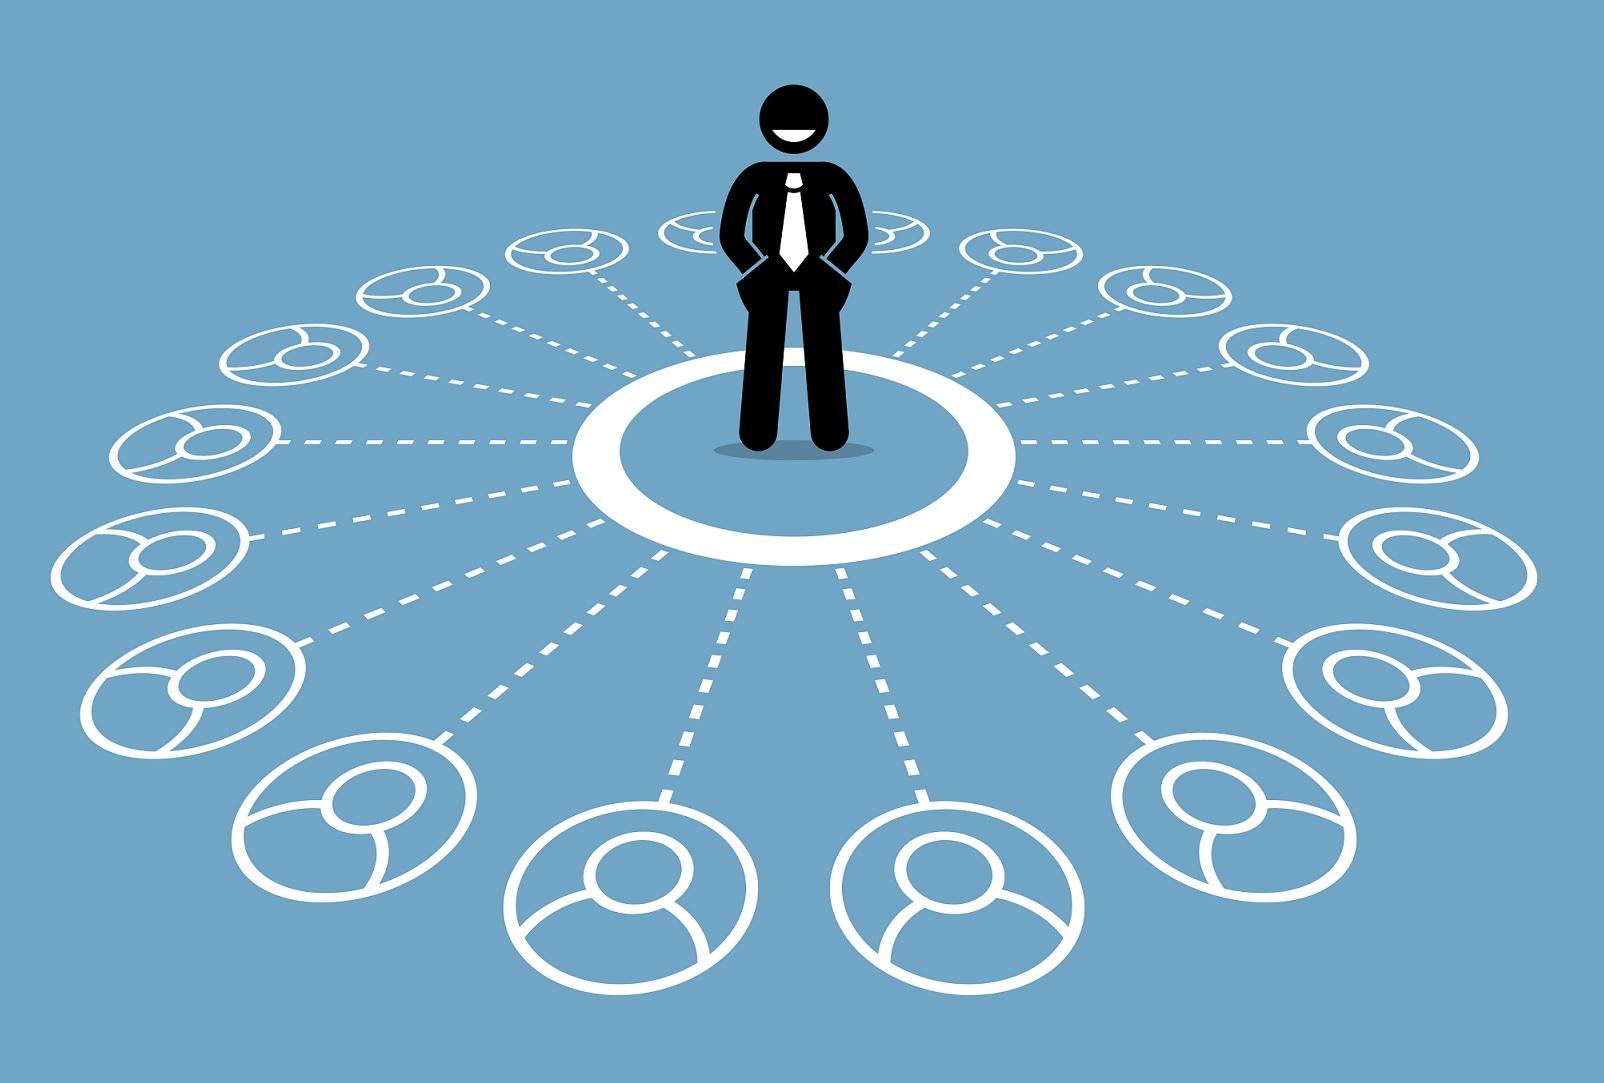 کسب درآمد از سیستم های همکاری در فروش